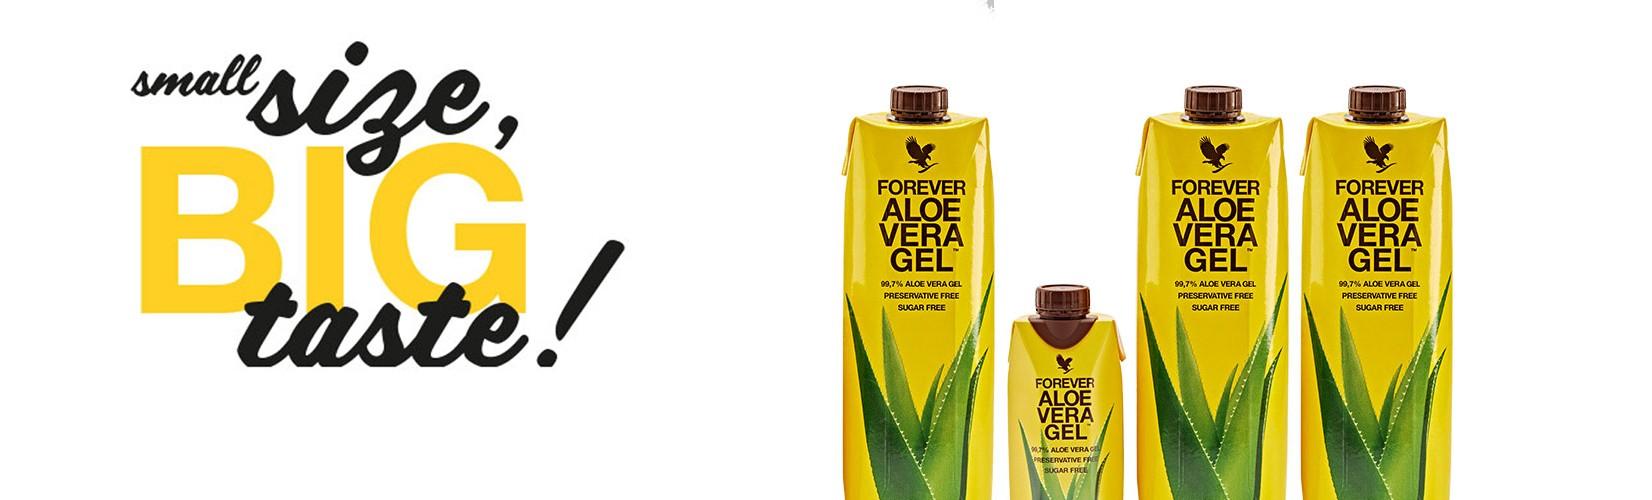 330ml Forever Aloe Vera Gel™